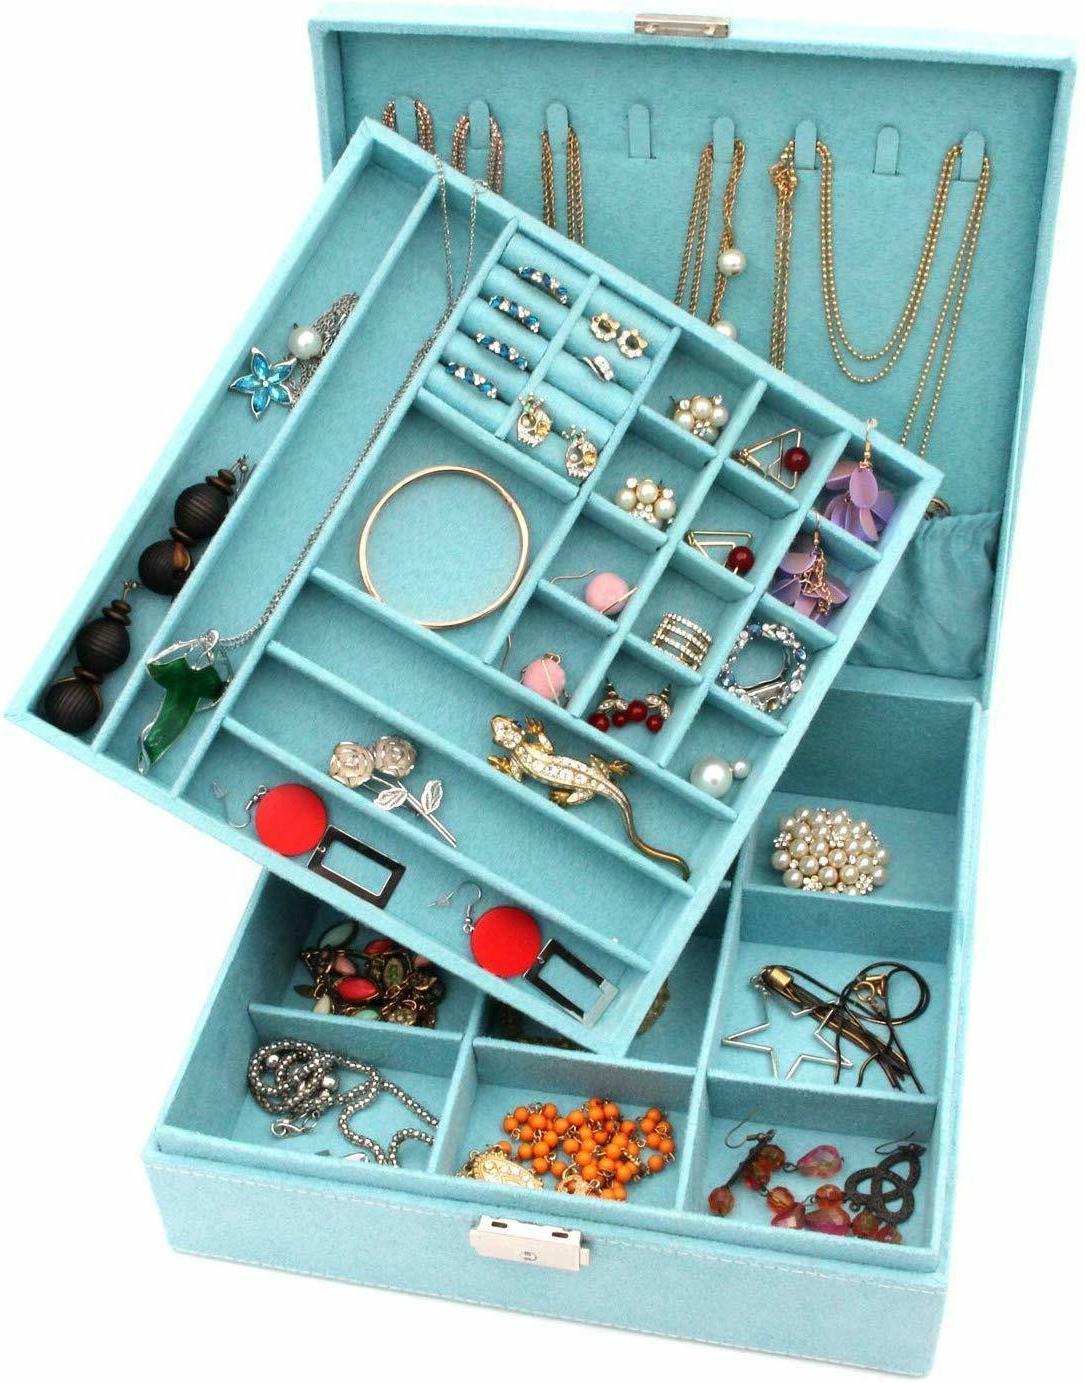 KLOUD Jewelry Organizer Display Storage case with